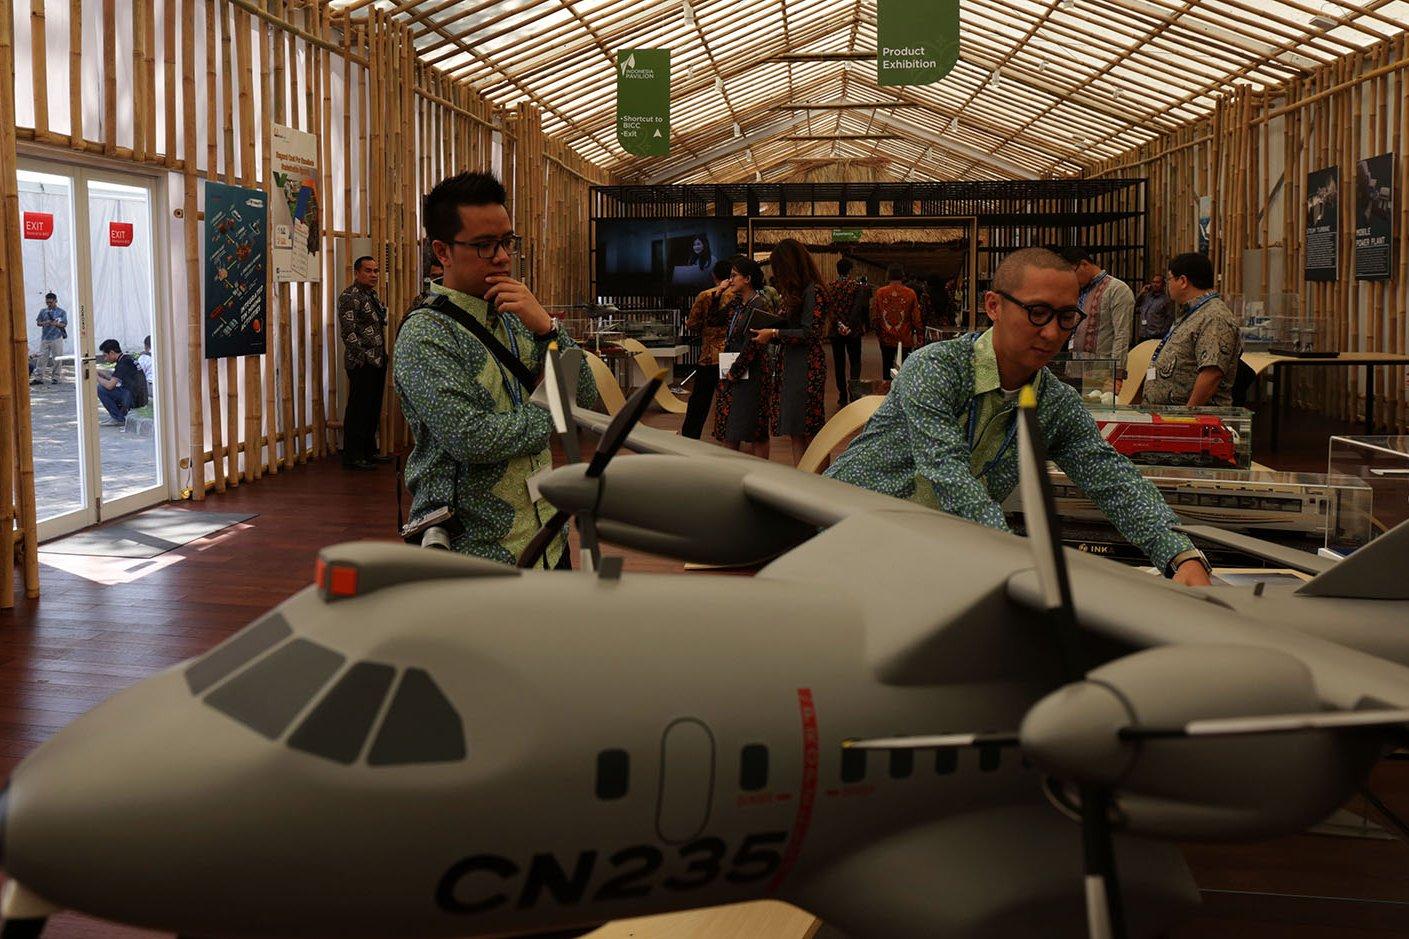 Sejumlah pengunjung menyaksikan pameran replika pesawat CN 235 produksi PT DI, di dalam acara Indonesia Pavilion 2018, Nusa Dua, Bali (12/10).